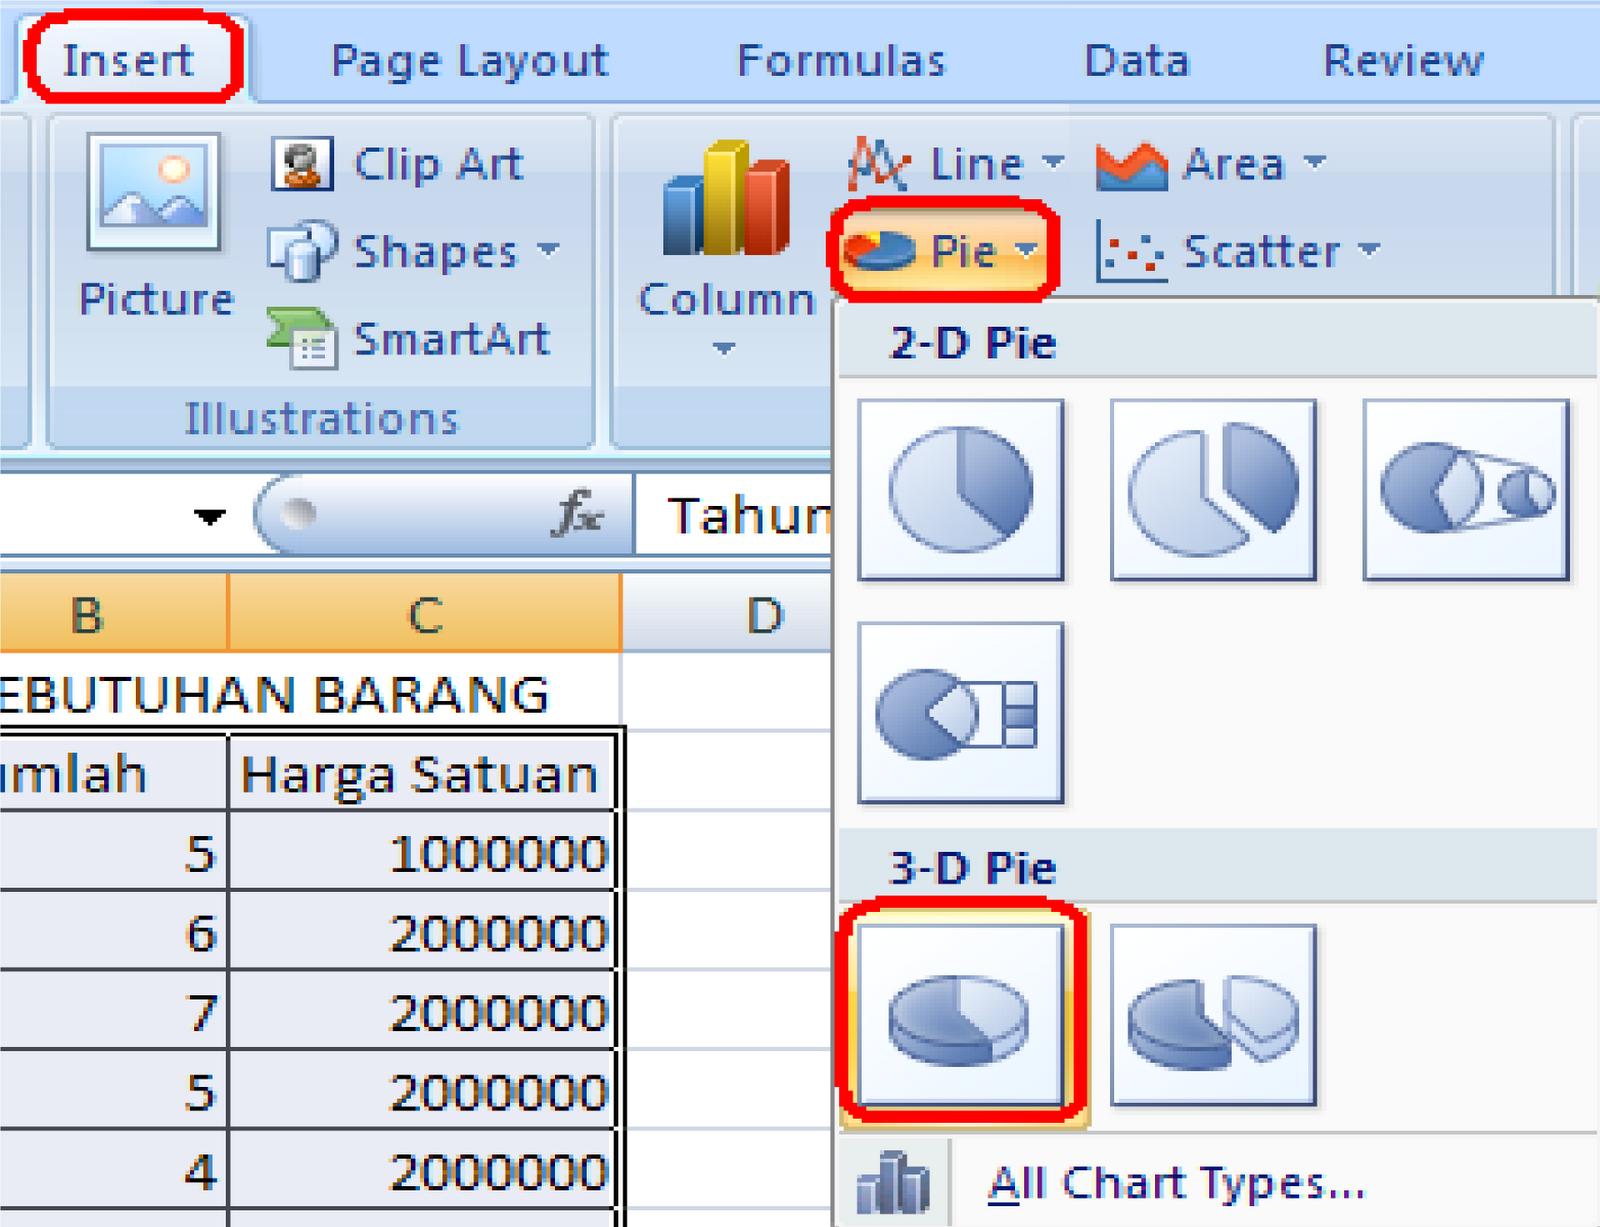 Contoh Makalah Database Di Microsoft Excell